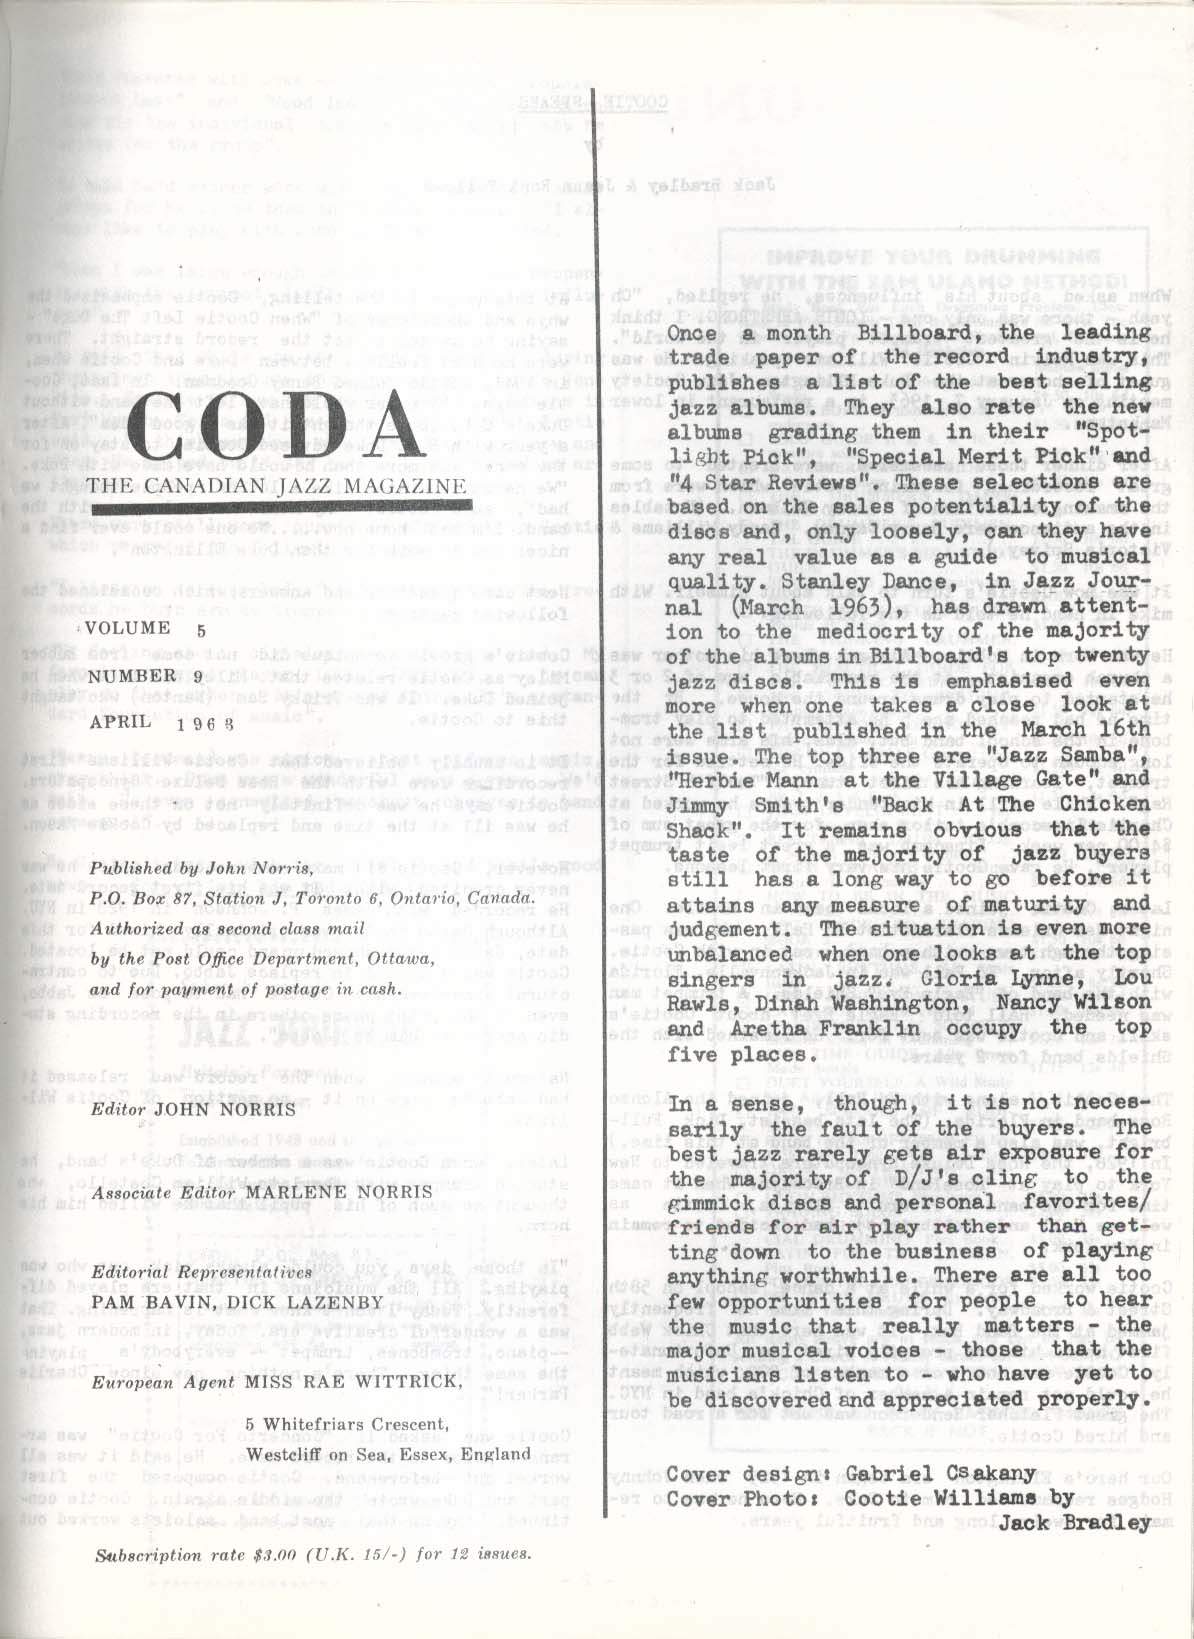 CODA V5 #9 Canadian Jazz Magazine Cootie Williams 4 1963